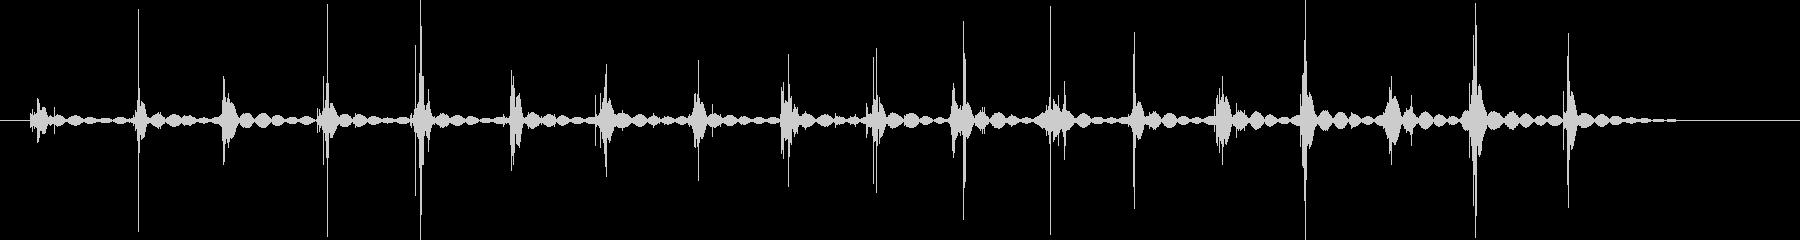 ピーナッツの殻を叩き潰す音(18回)の未再生の波形